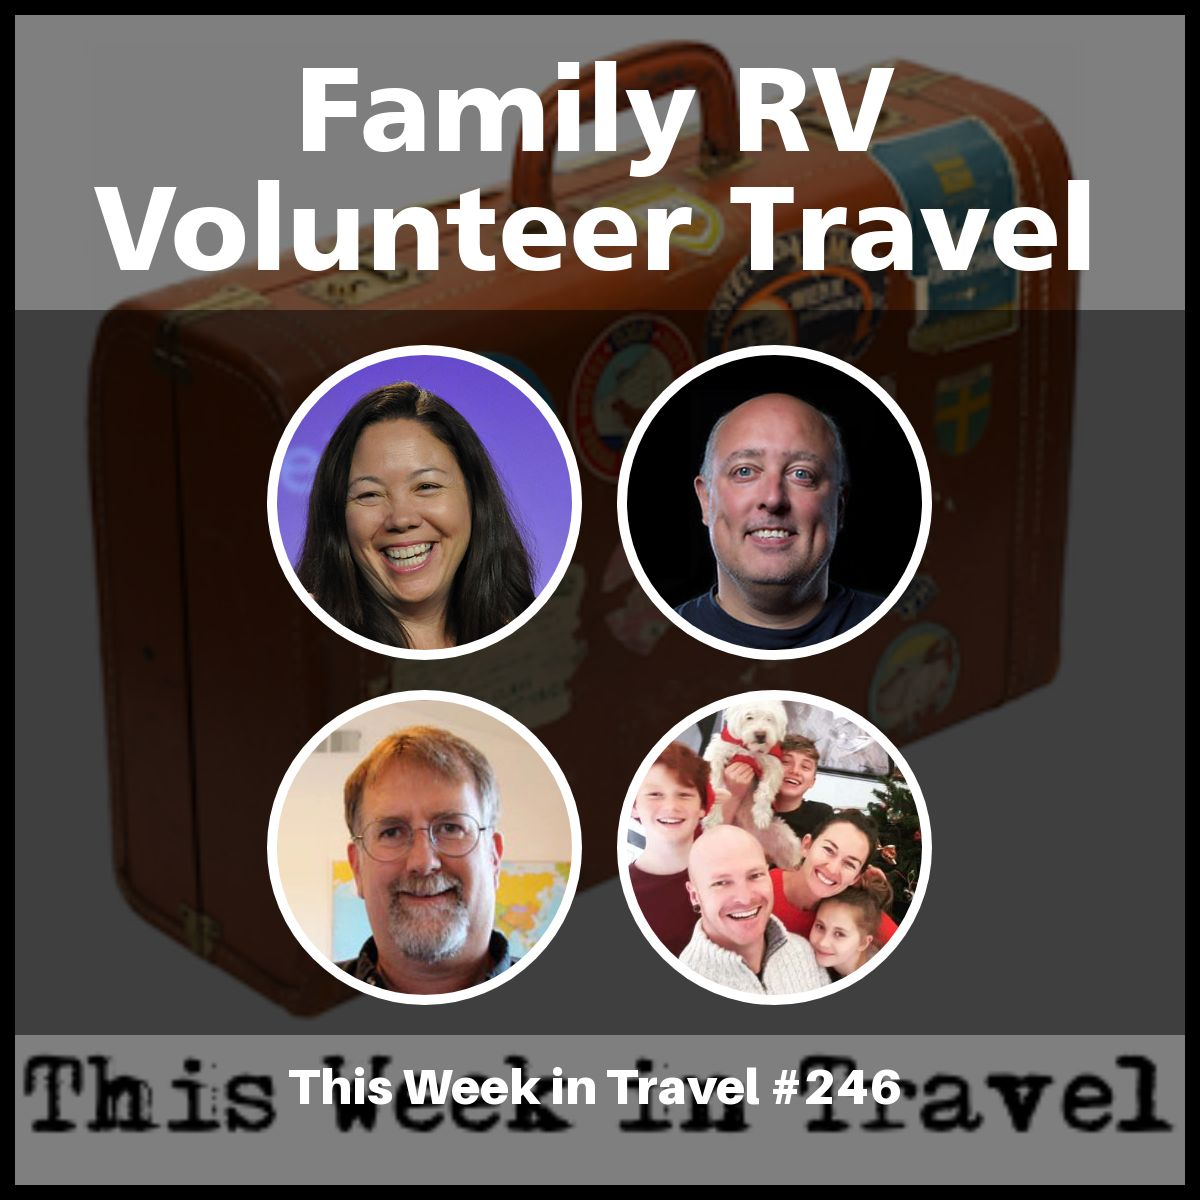 Family RV Volunteer Travel – This Week in Travel #246